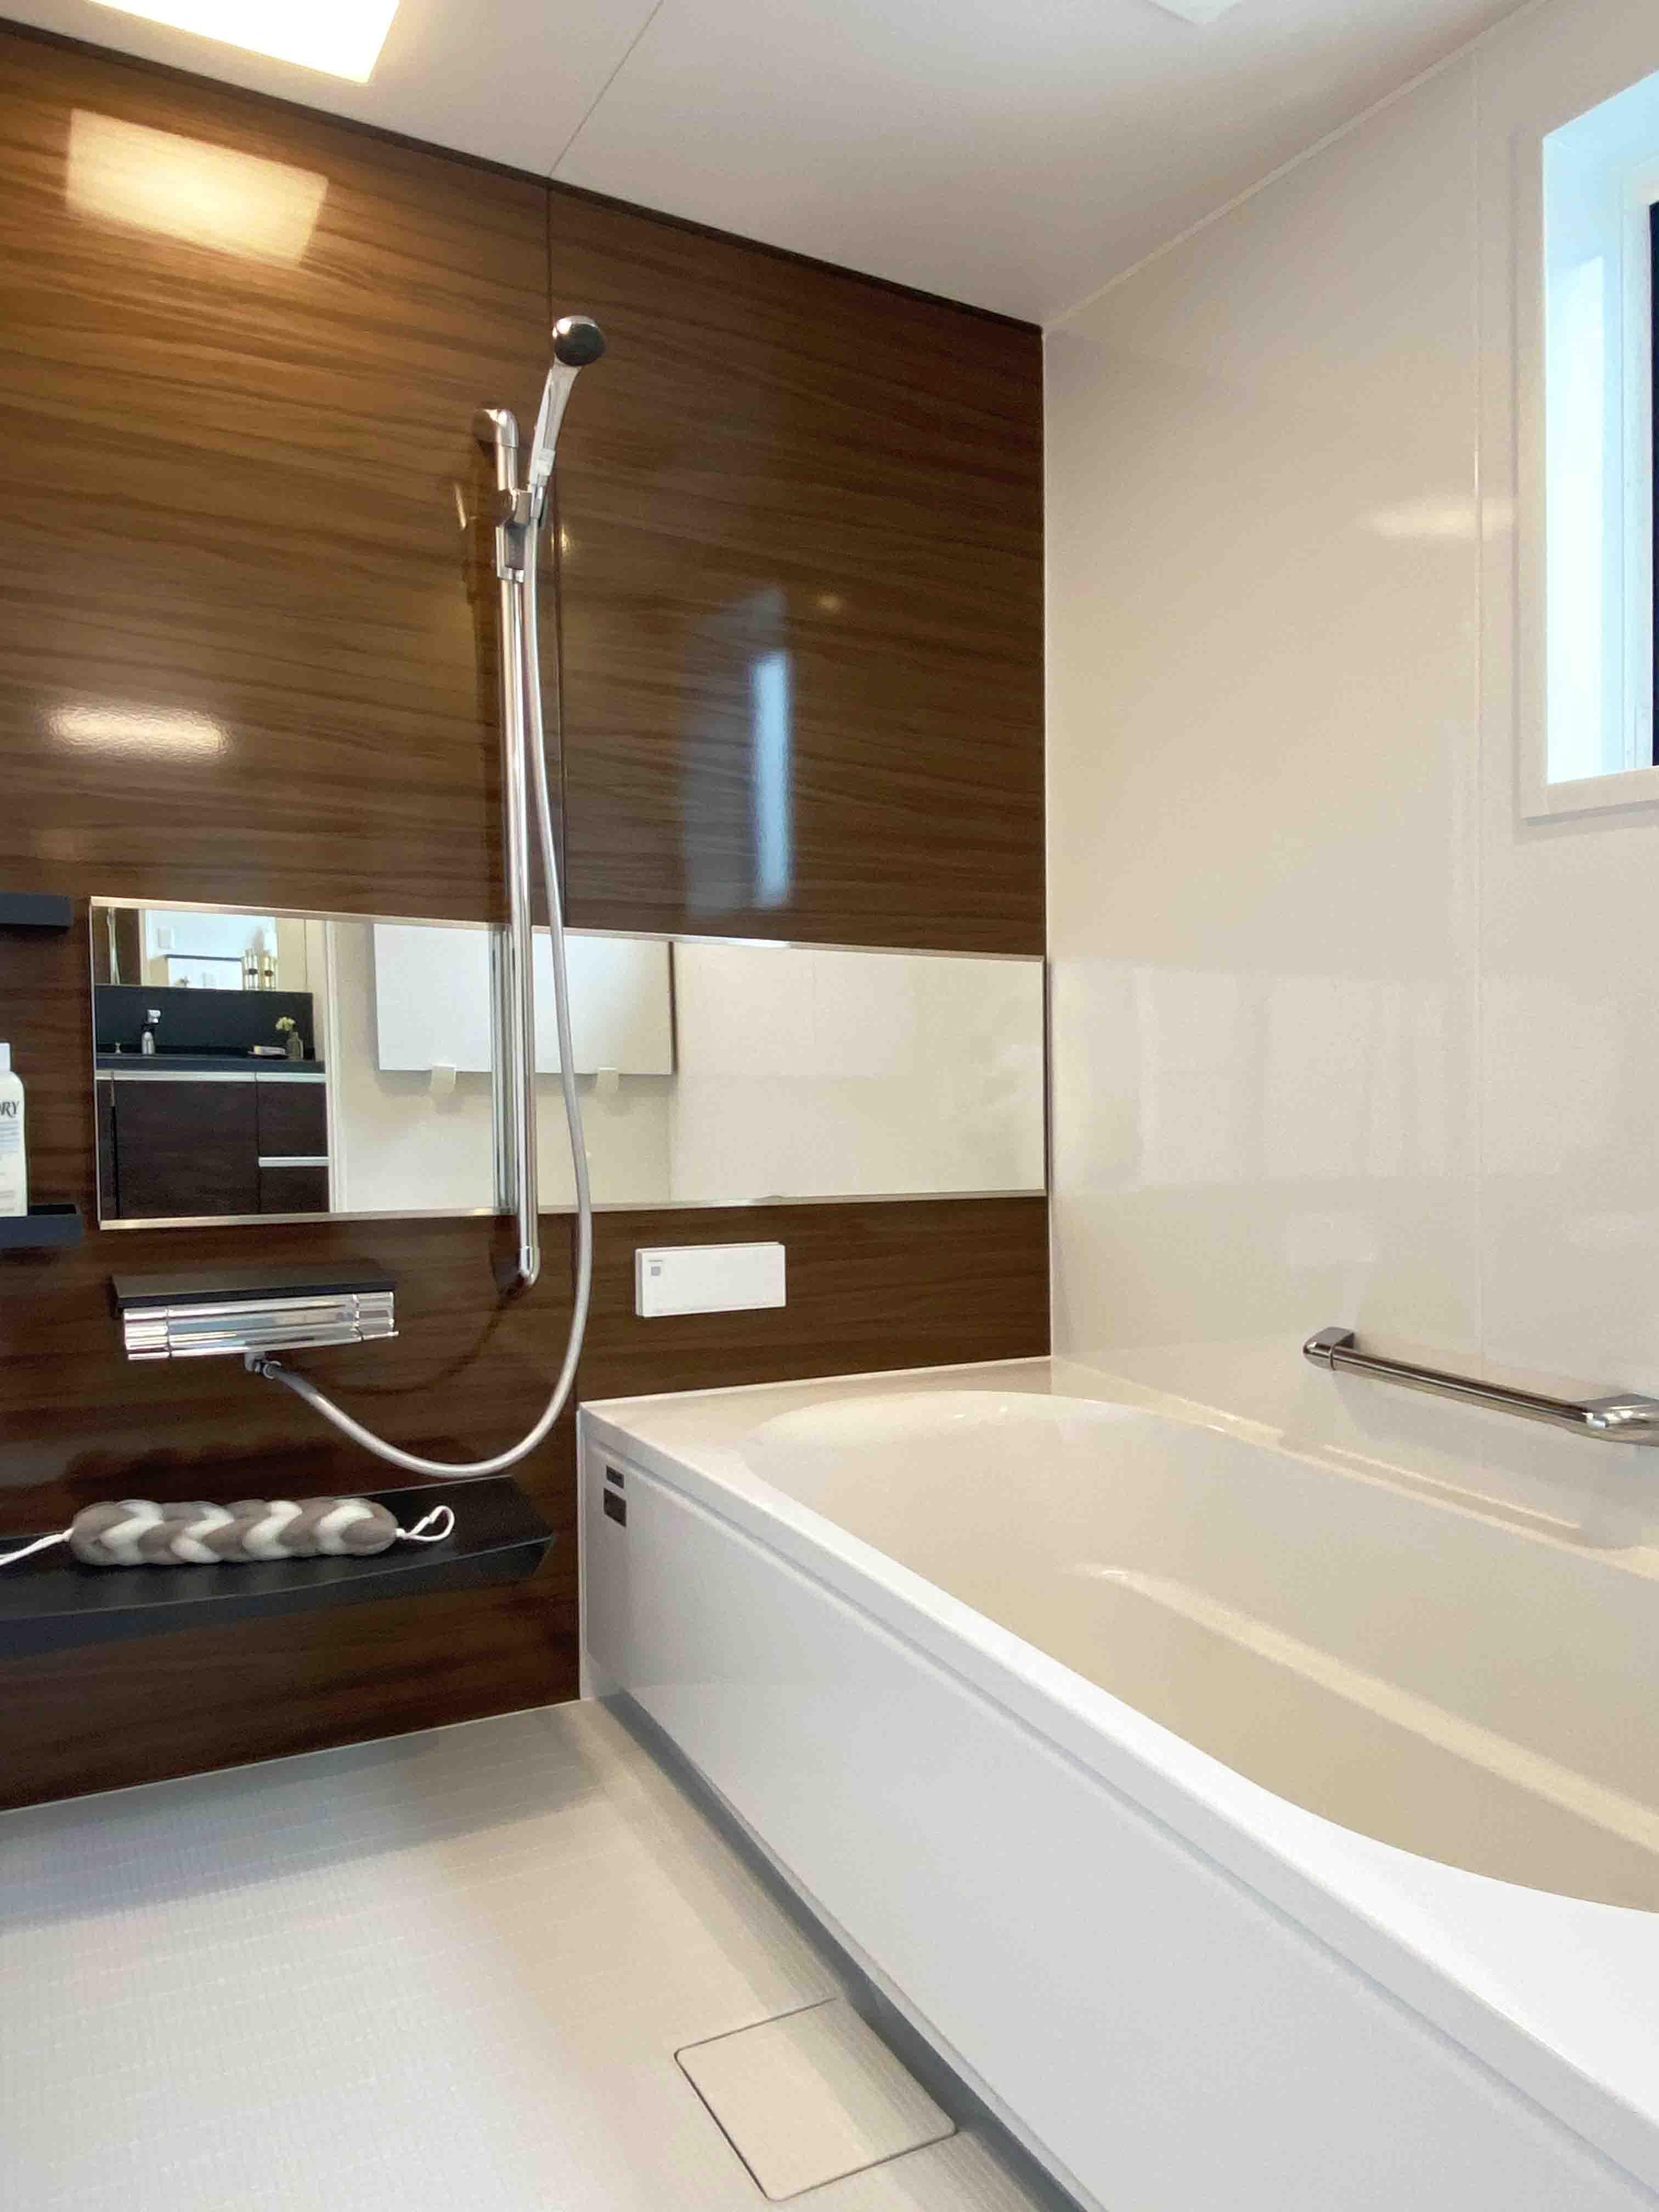 株式会社アンドクリエイト「うちカフェが楽しくなる家」のモダンな風呂・浴室の実例写真